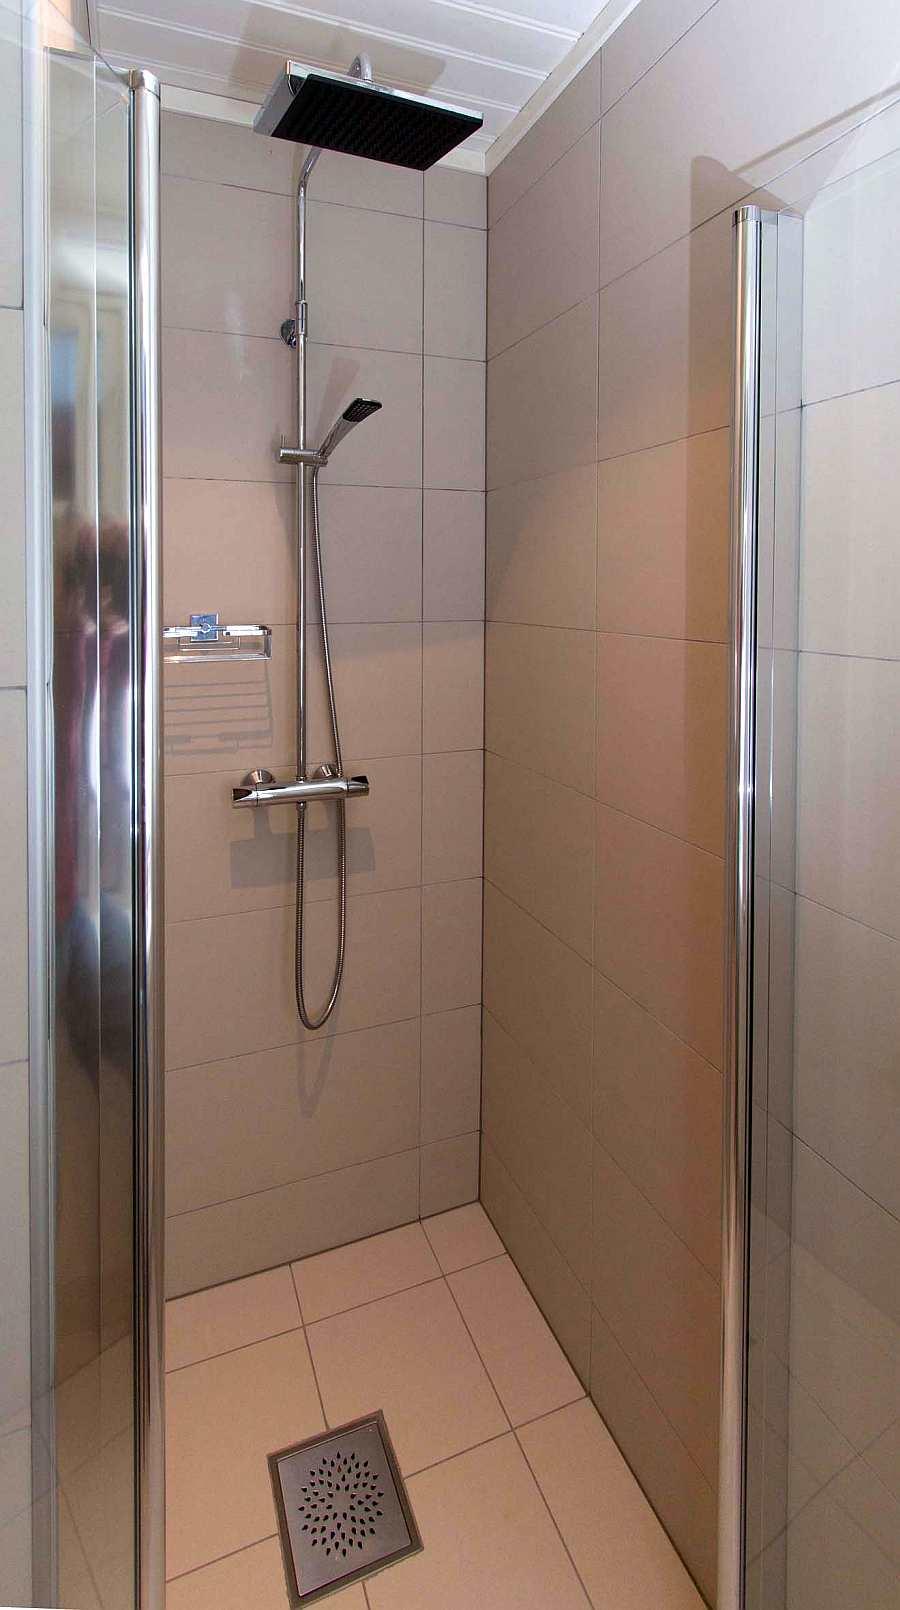 Die moderne Dusche in einem der Badezimmer